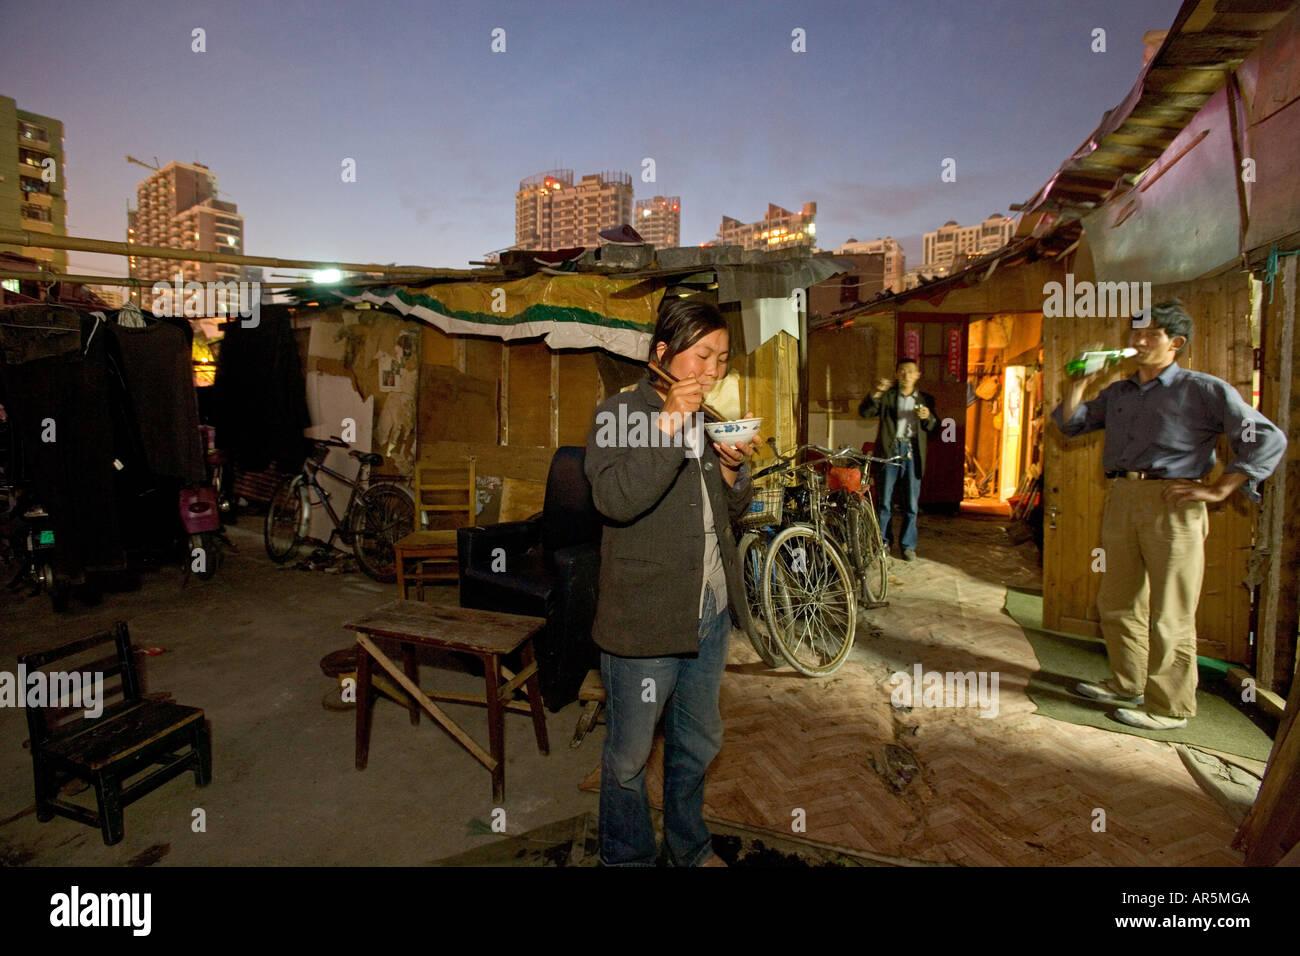 Essen außerhalb selbstgebaute Hütten aus Abbruchmaterial, Hongkou Stockfoto